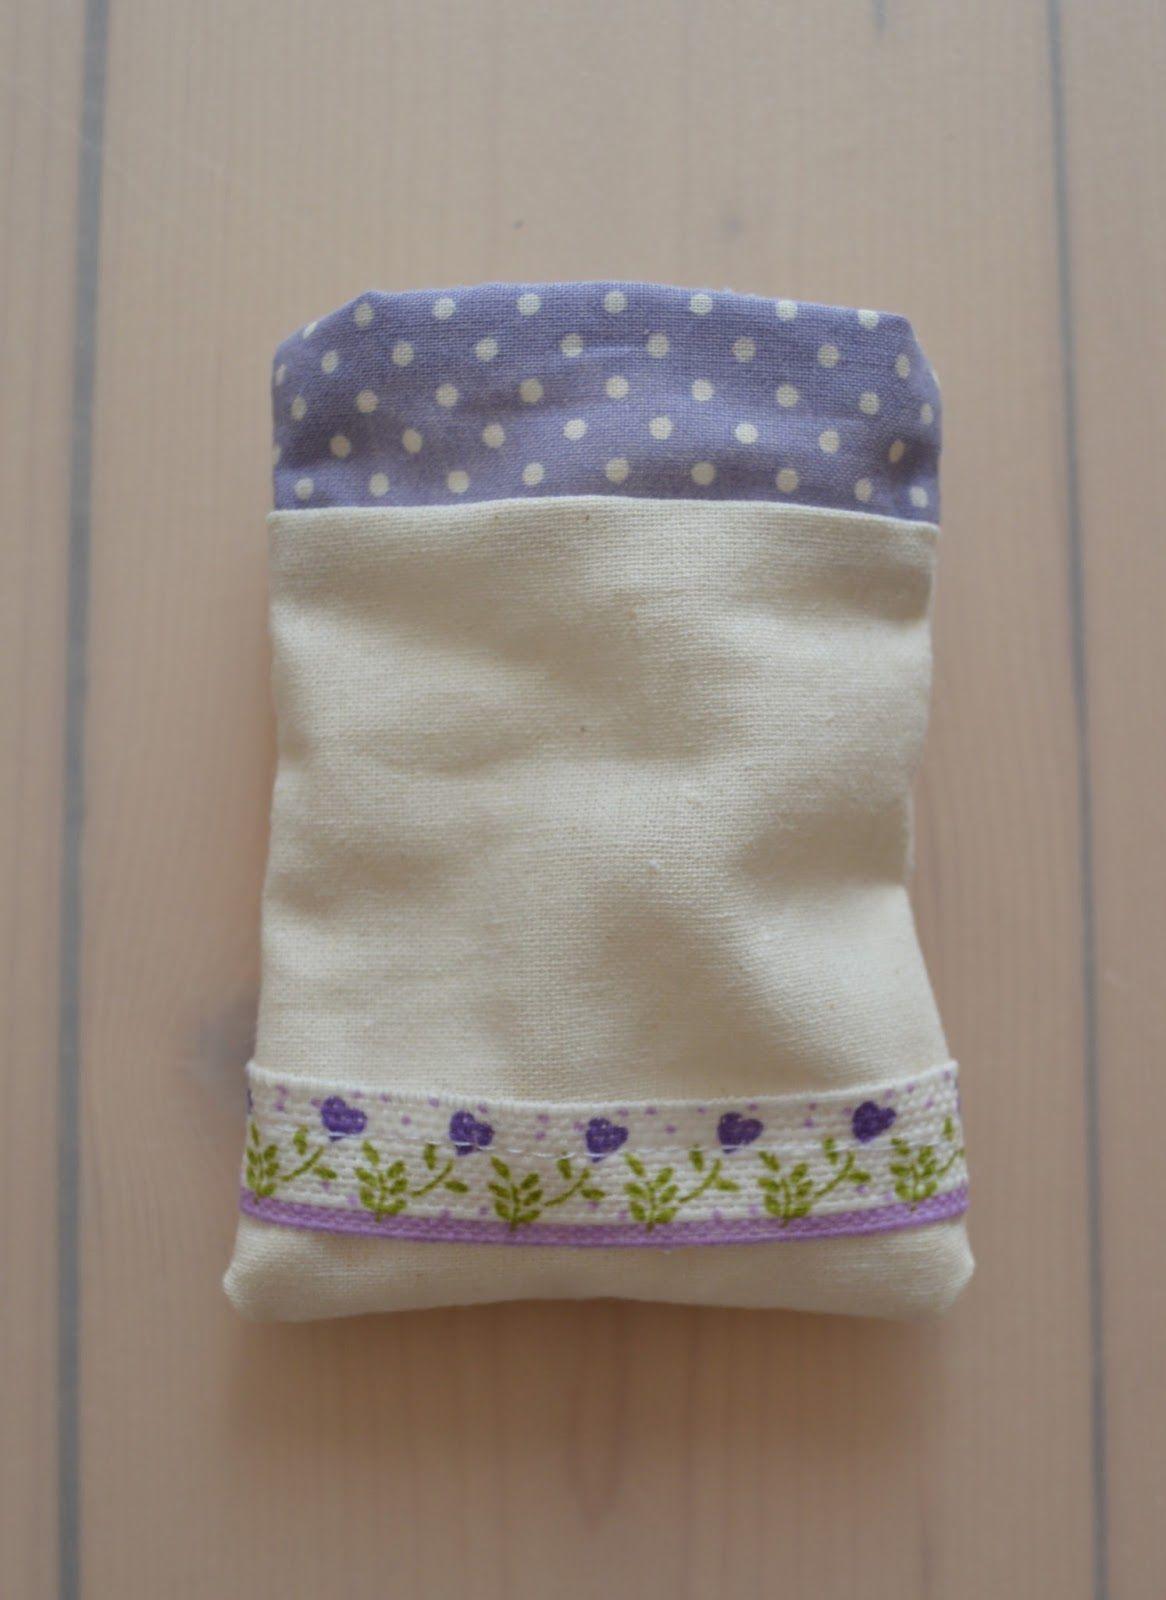 Diy Lavendelsäckchen Nähen Hier Findet Ihr Eine Einfache